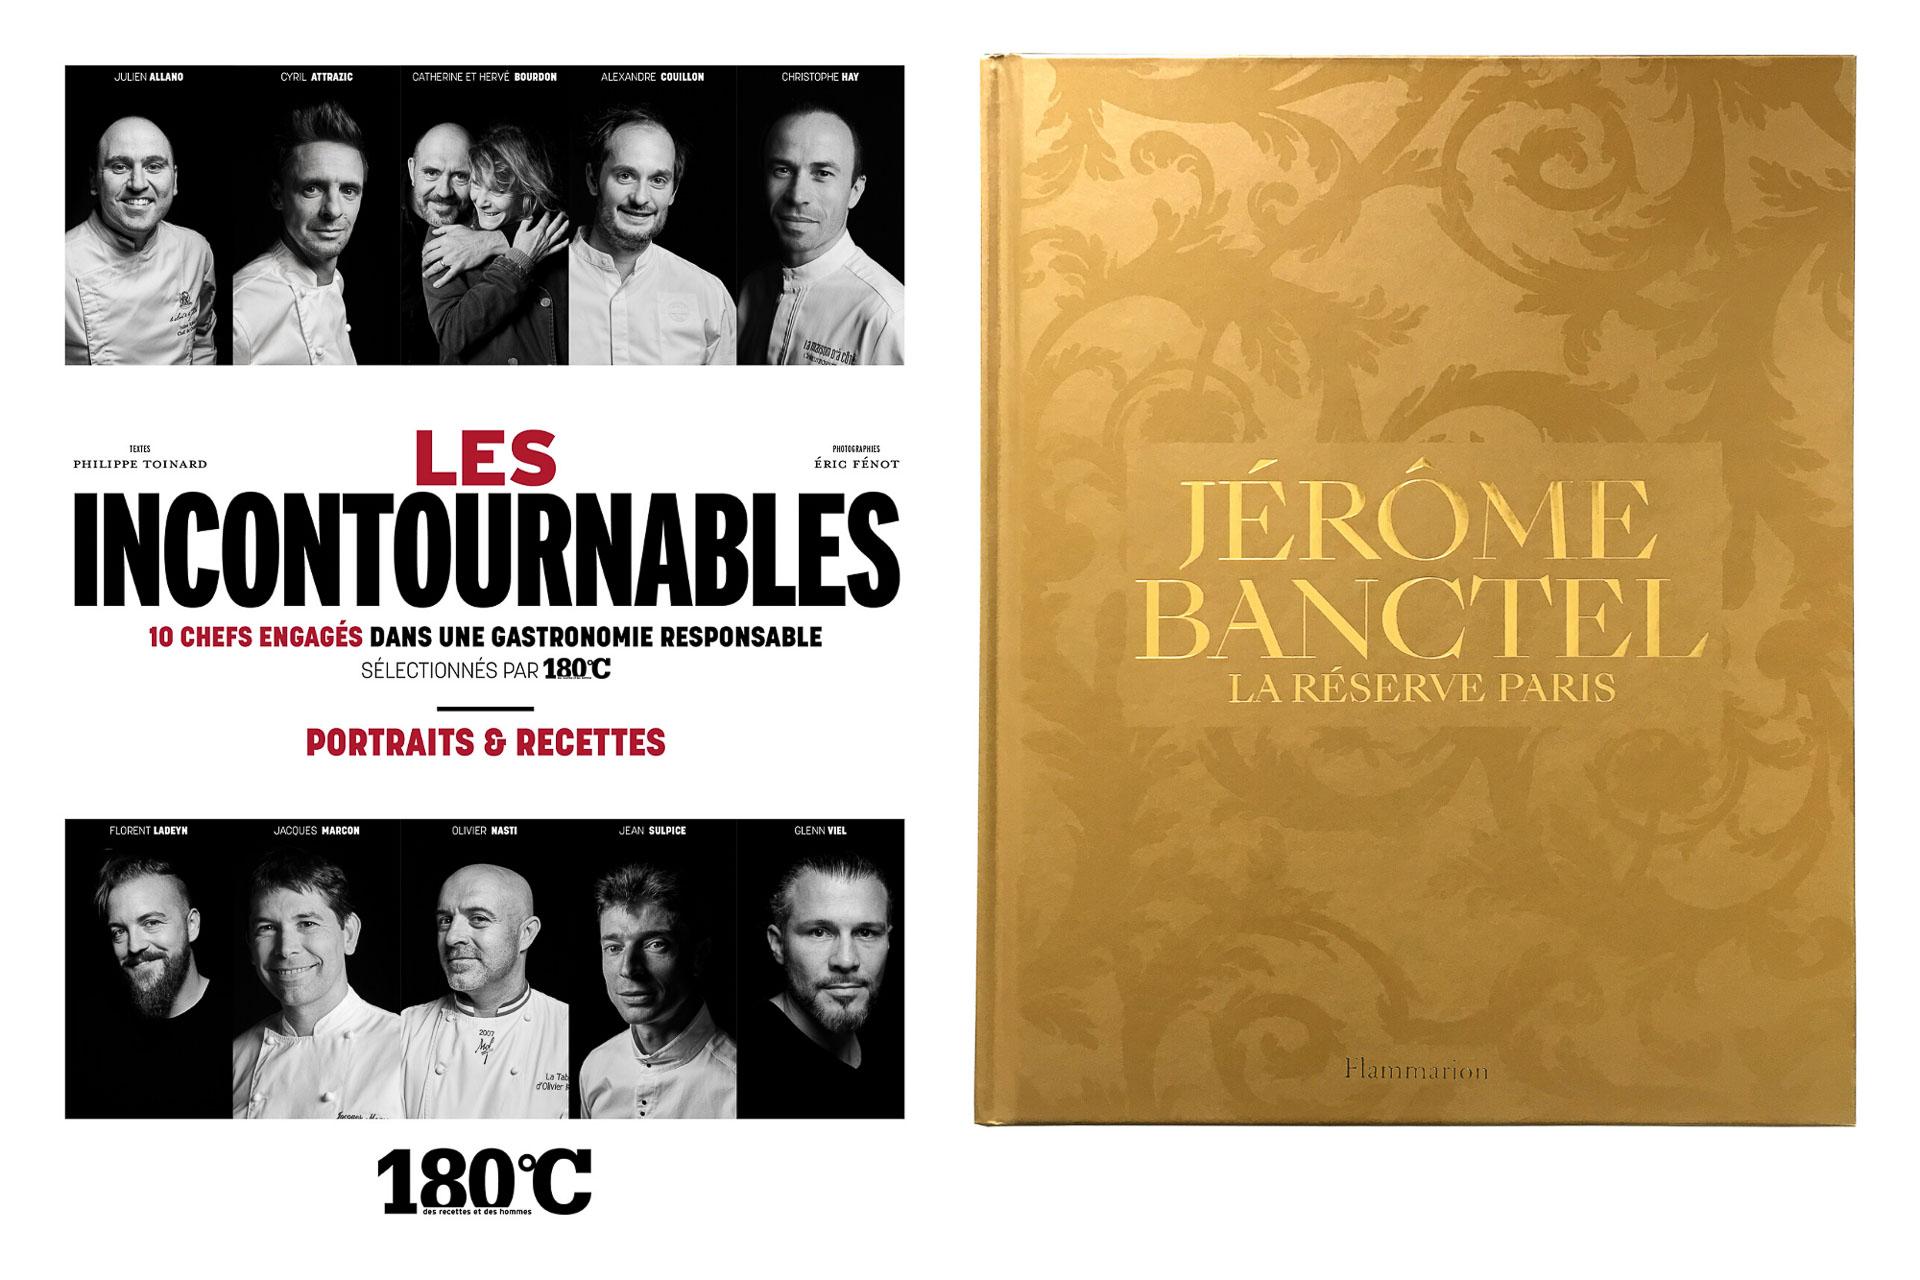 Couvertures livres Les Incontournables (180°C), Jérôme Banctel : La Réserve Paris © DR